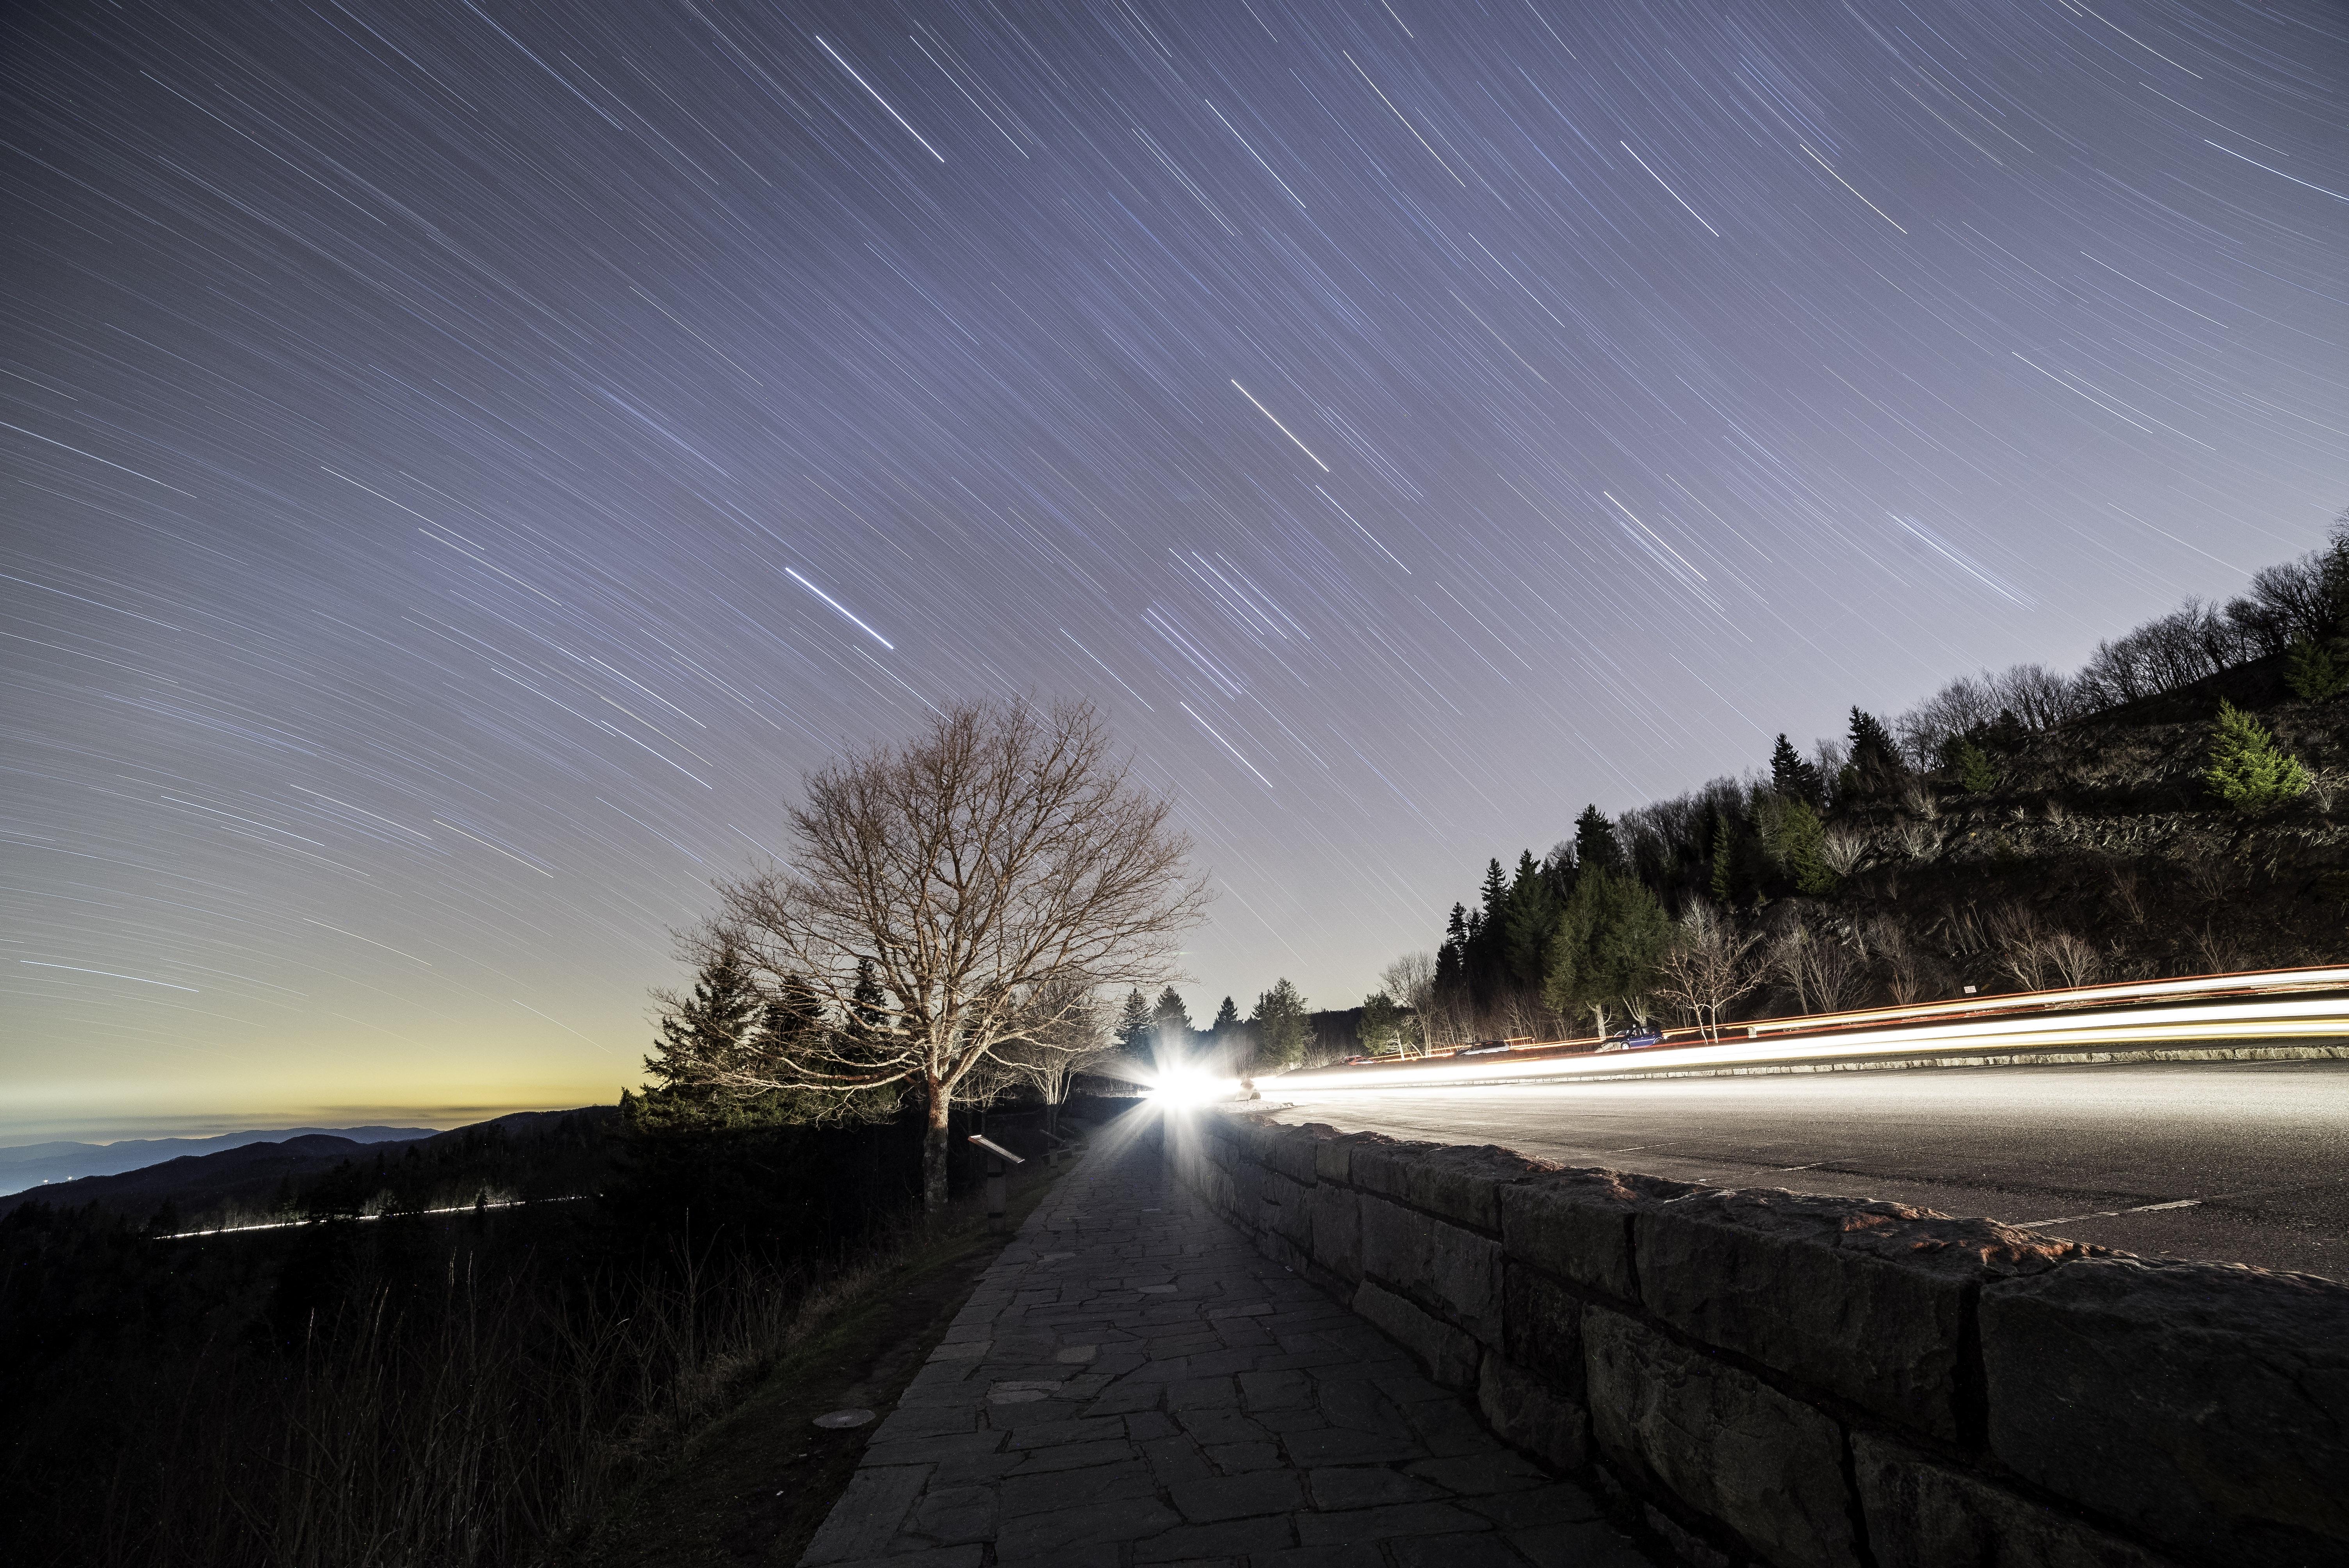 Fotoğraf Peyzaj Doğa Ufuk Kar ışık Bulut Gökyüzü Gündoğumu